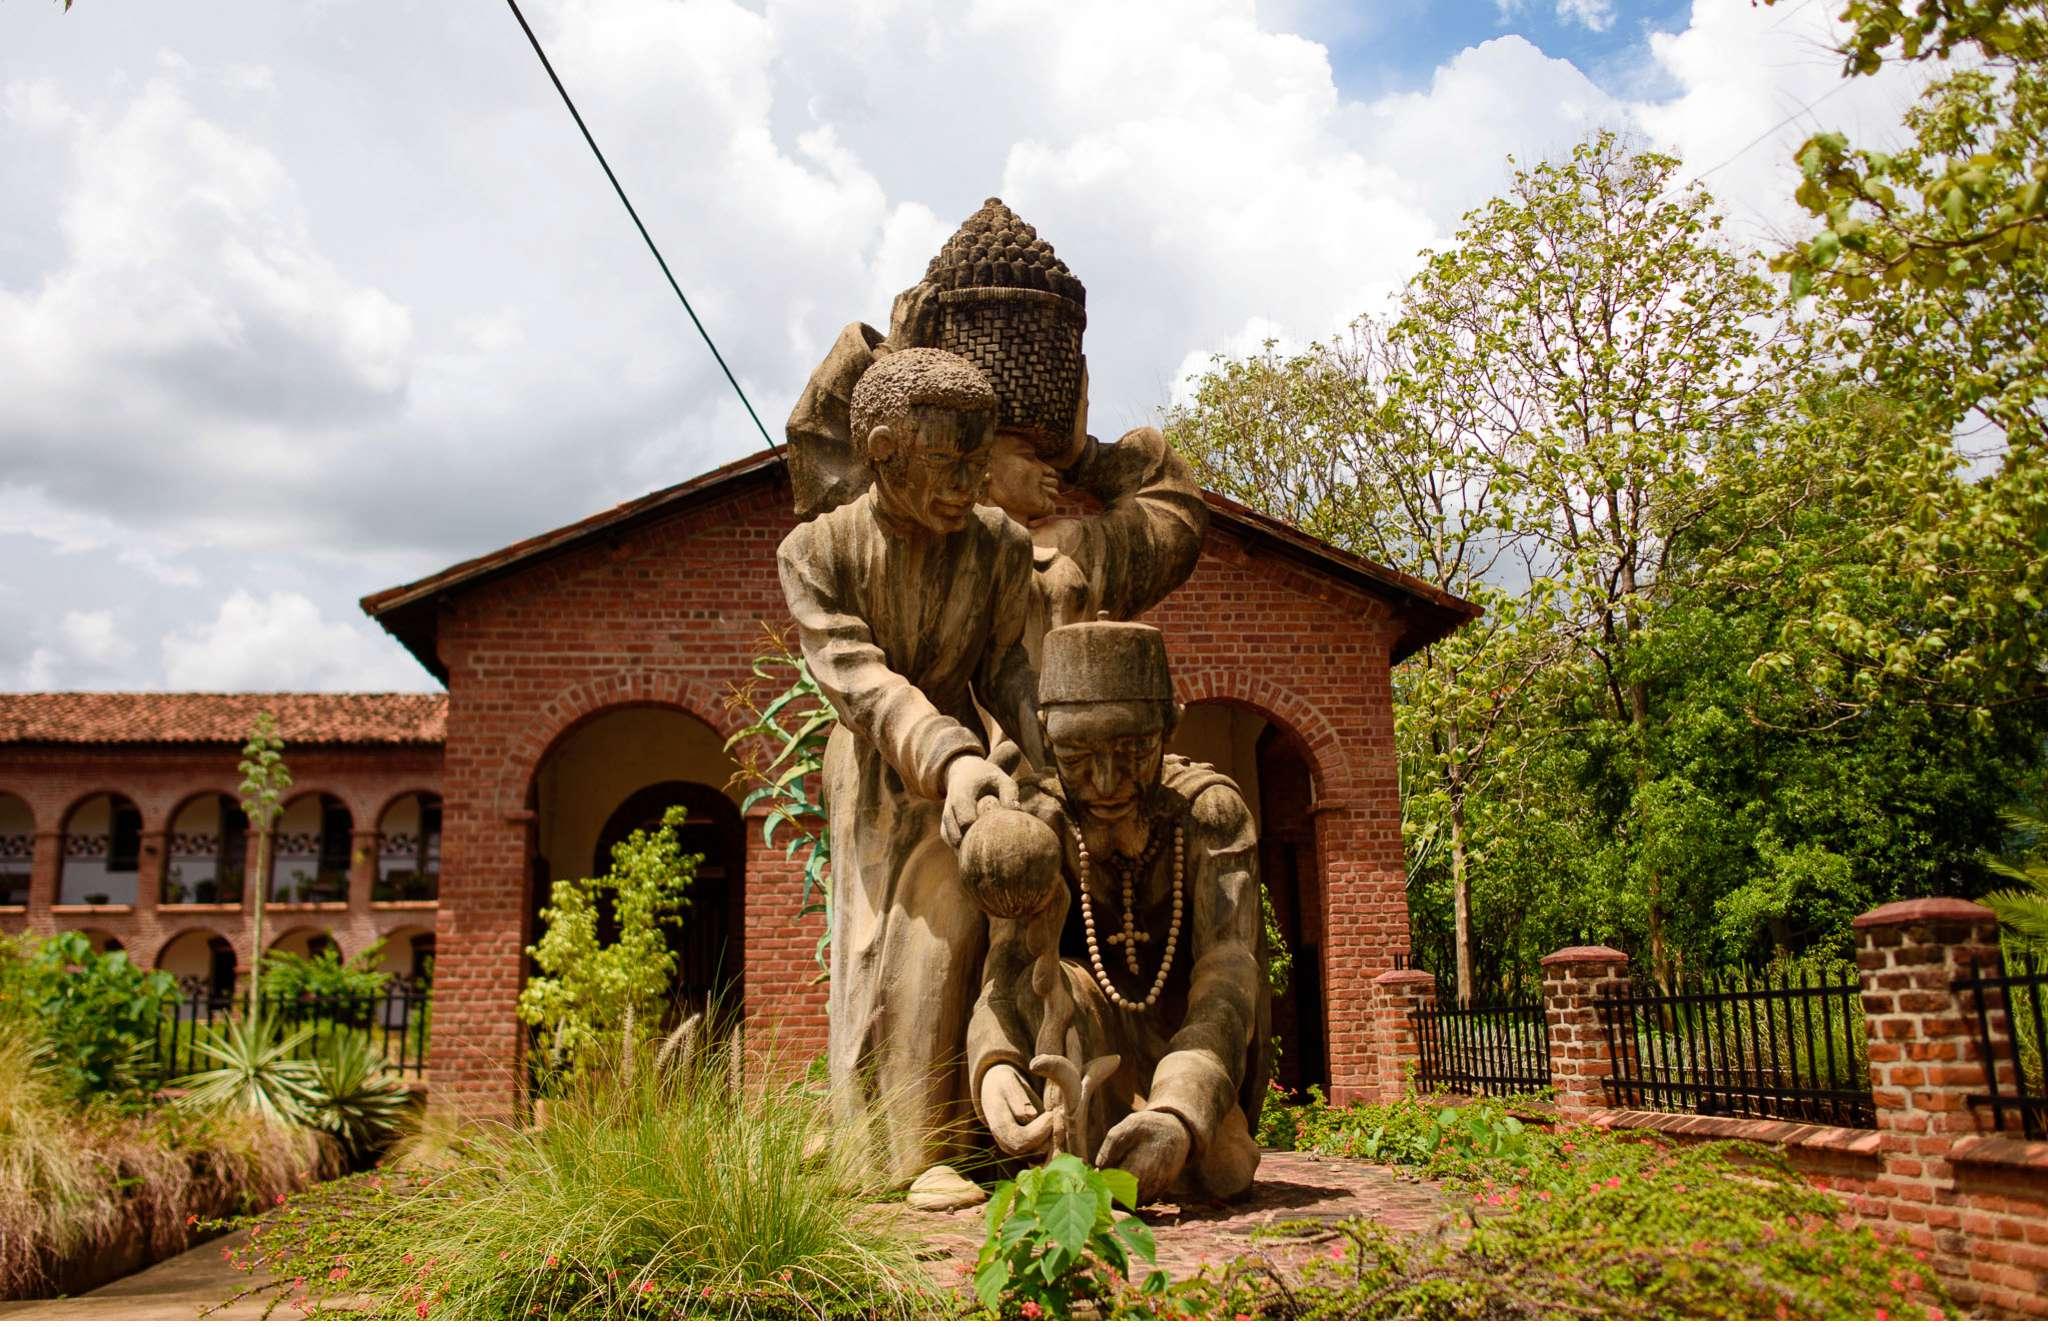 Malawi-Quer durch Afrika- Geschichten von unterwegs by Marion and Daniel-29